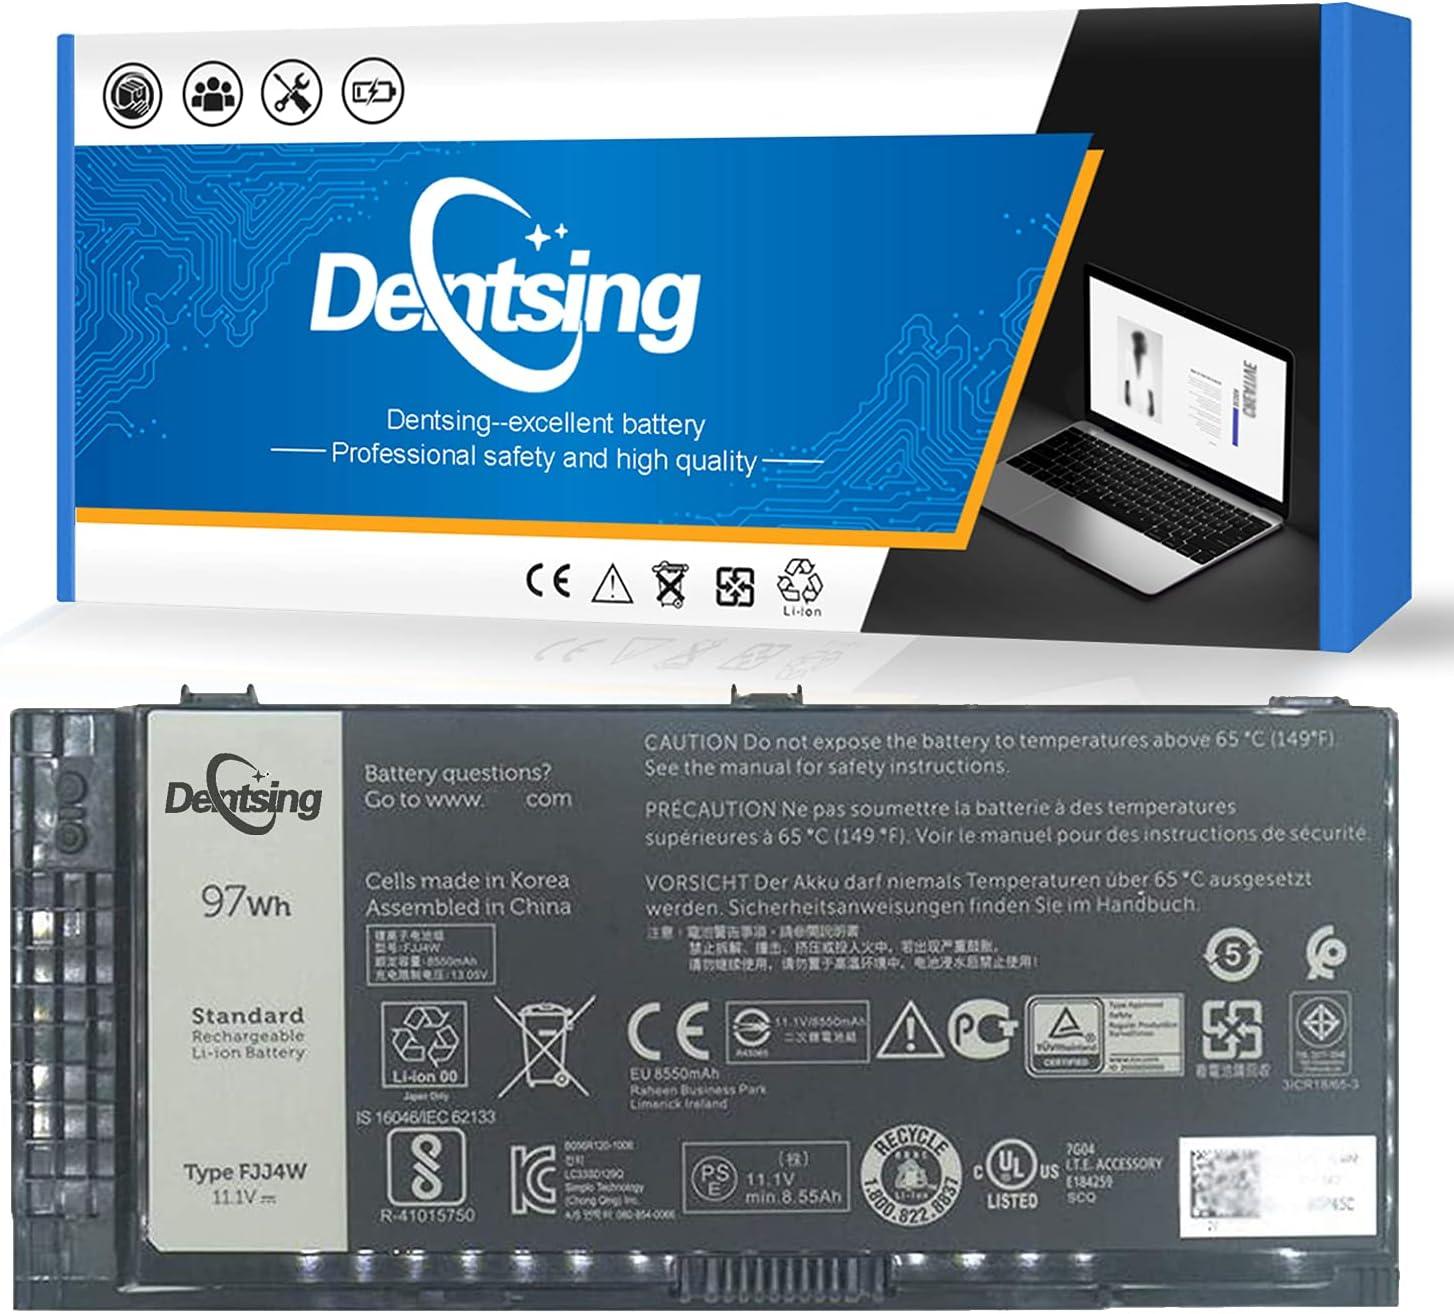 Dentsing FJJ4W 11.1V Over item handling ☆ 97Wh Battery 9-Cell 8550mAh Laptop mart